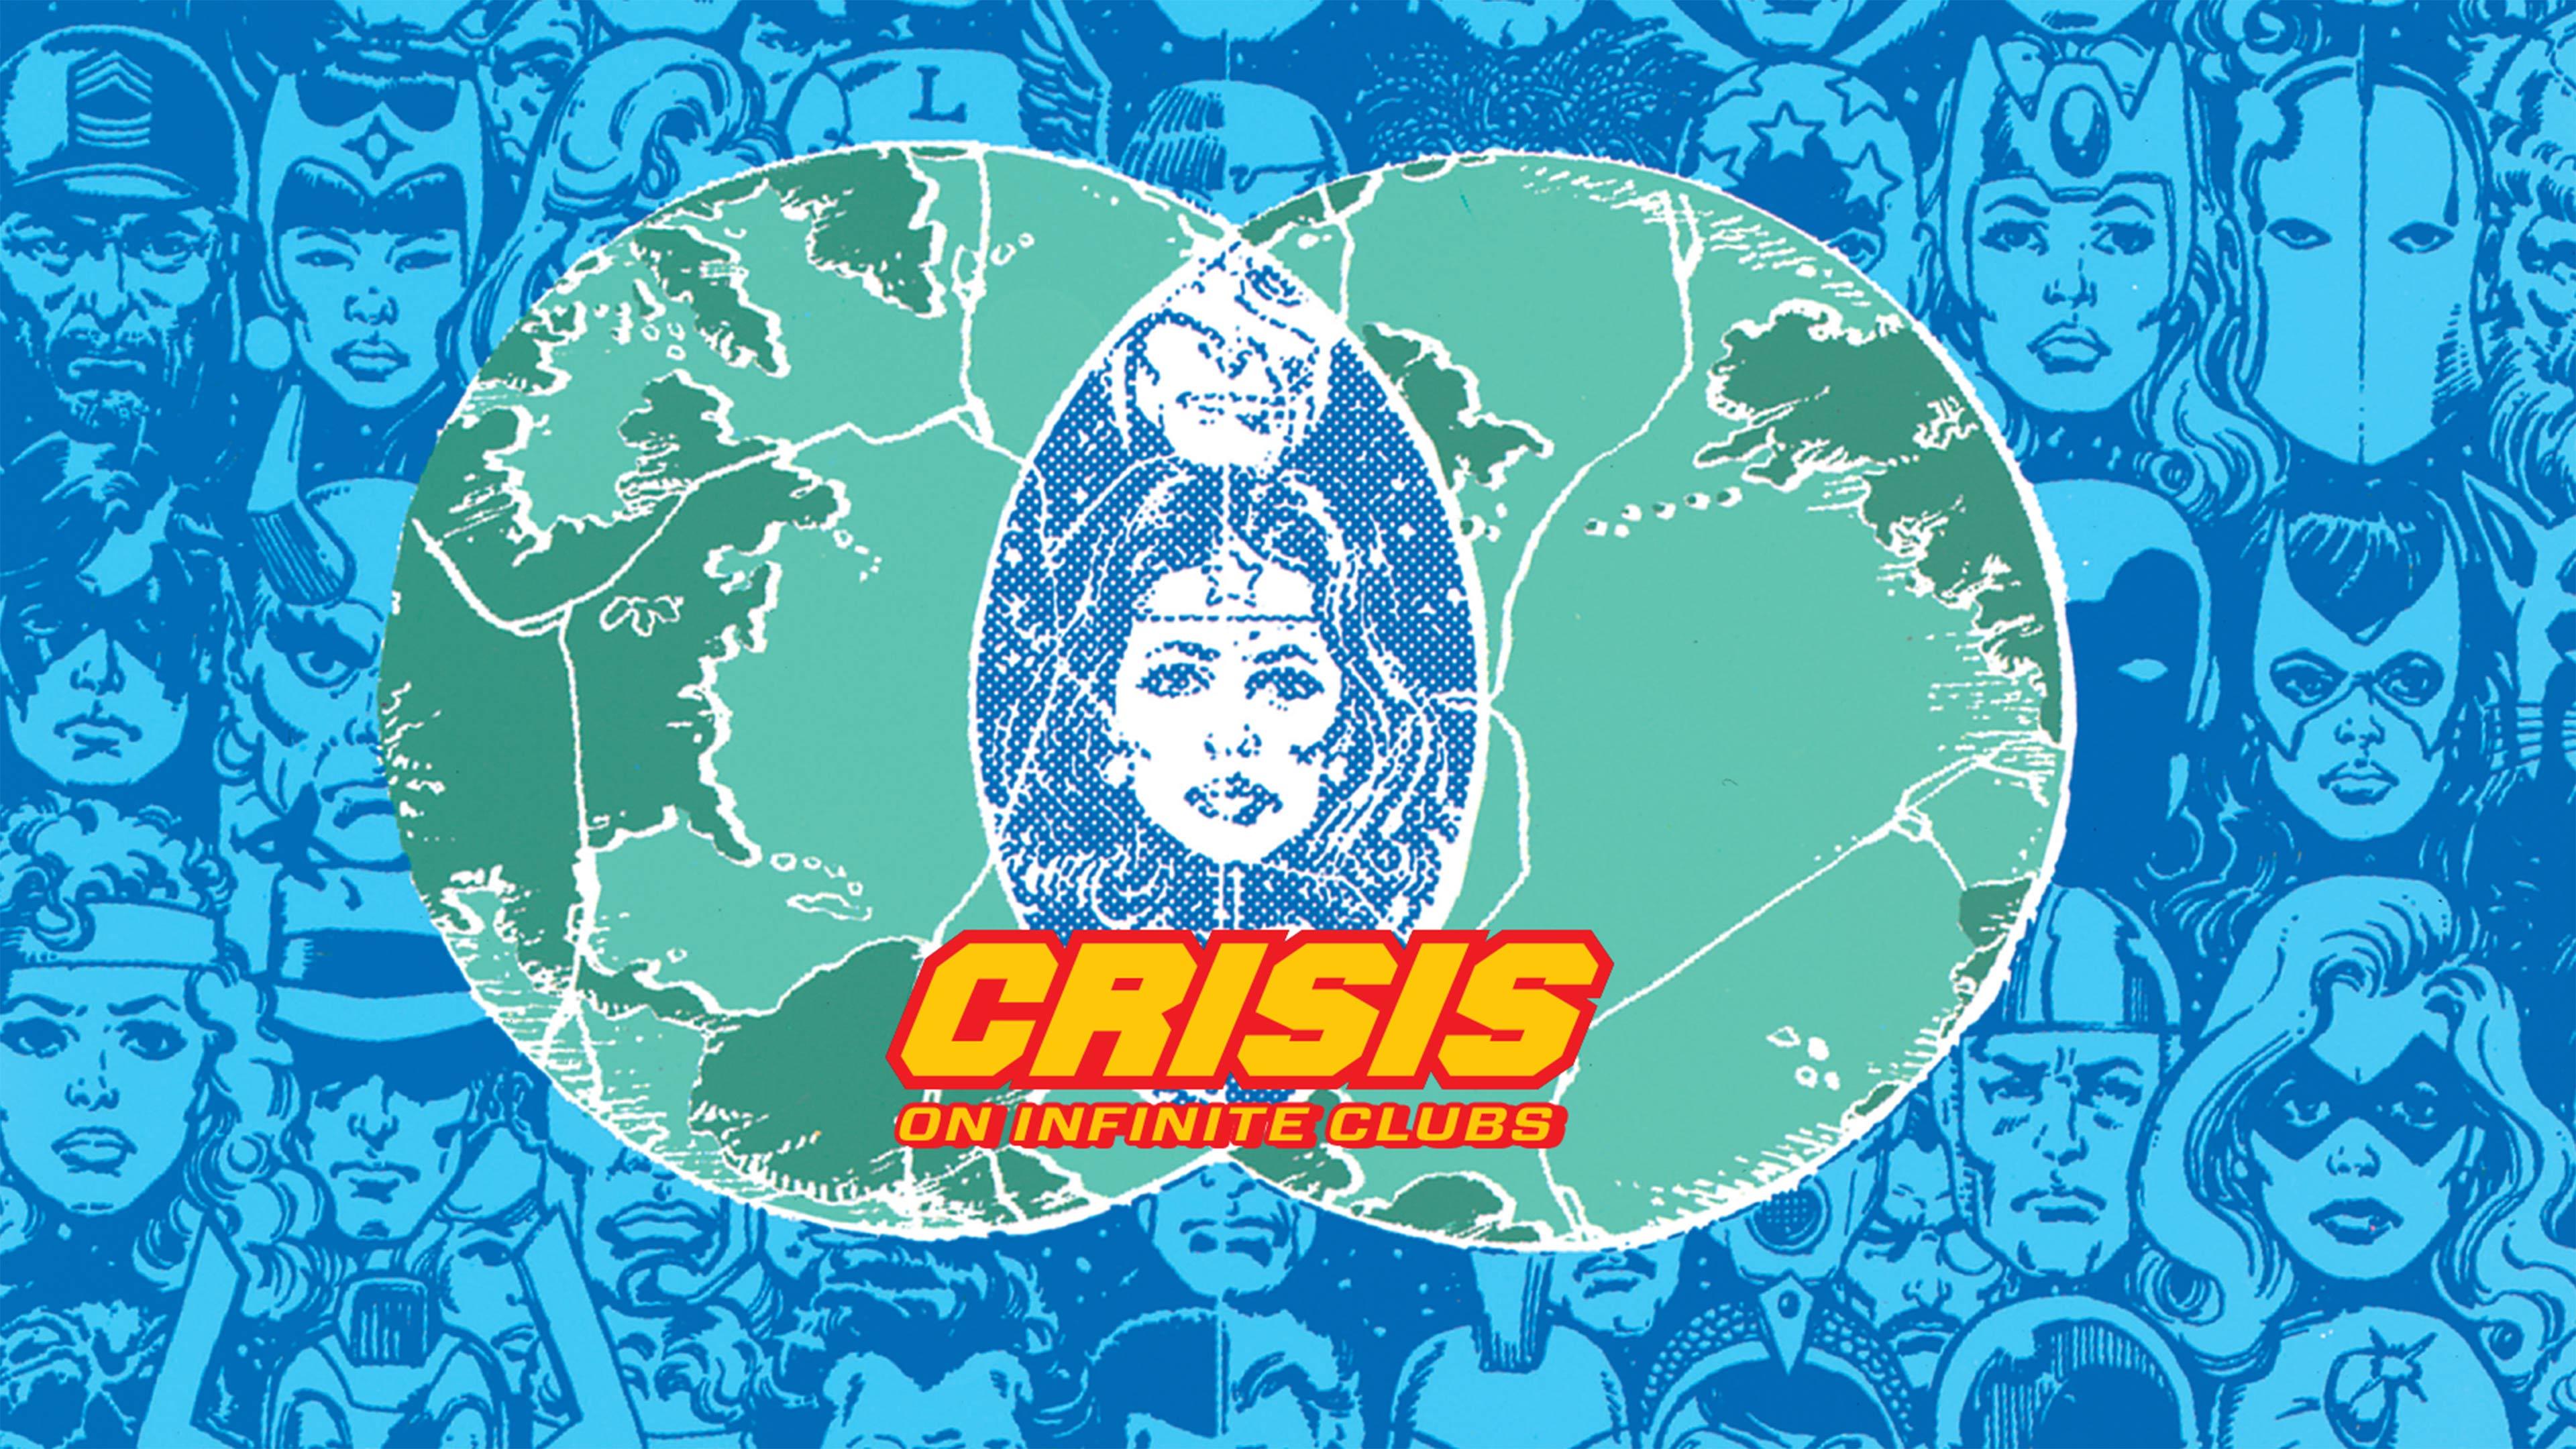 crisisoninfiniteclubs_news_hero-c_v1_191112.jpg